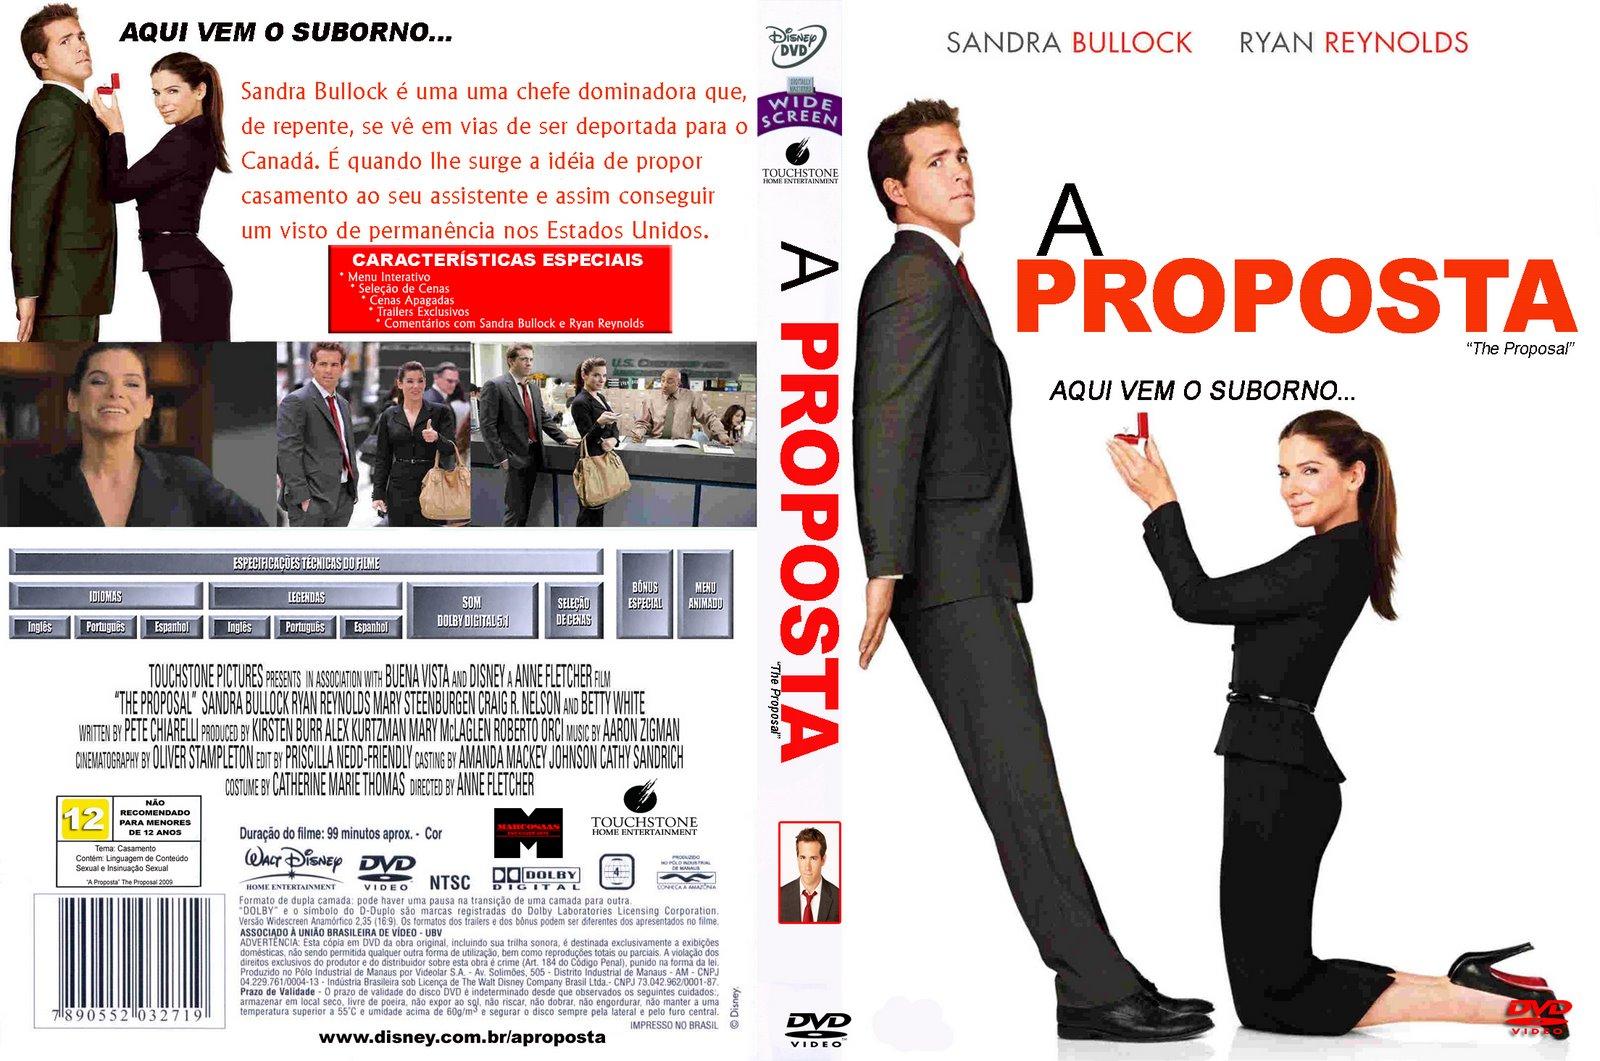 http://1.bp.blogspot.com/_avx0CDv74_c/TCo7nXiPcmI/AAAAAAAAABU/4KEK1-ZOT78/s1600/A_Proposta.jpg